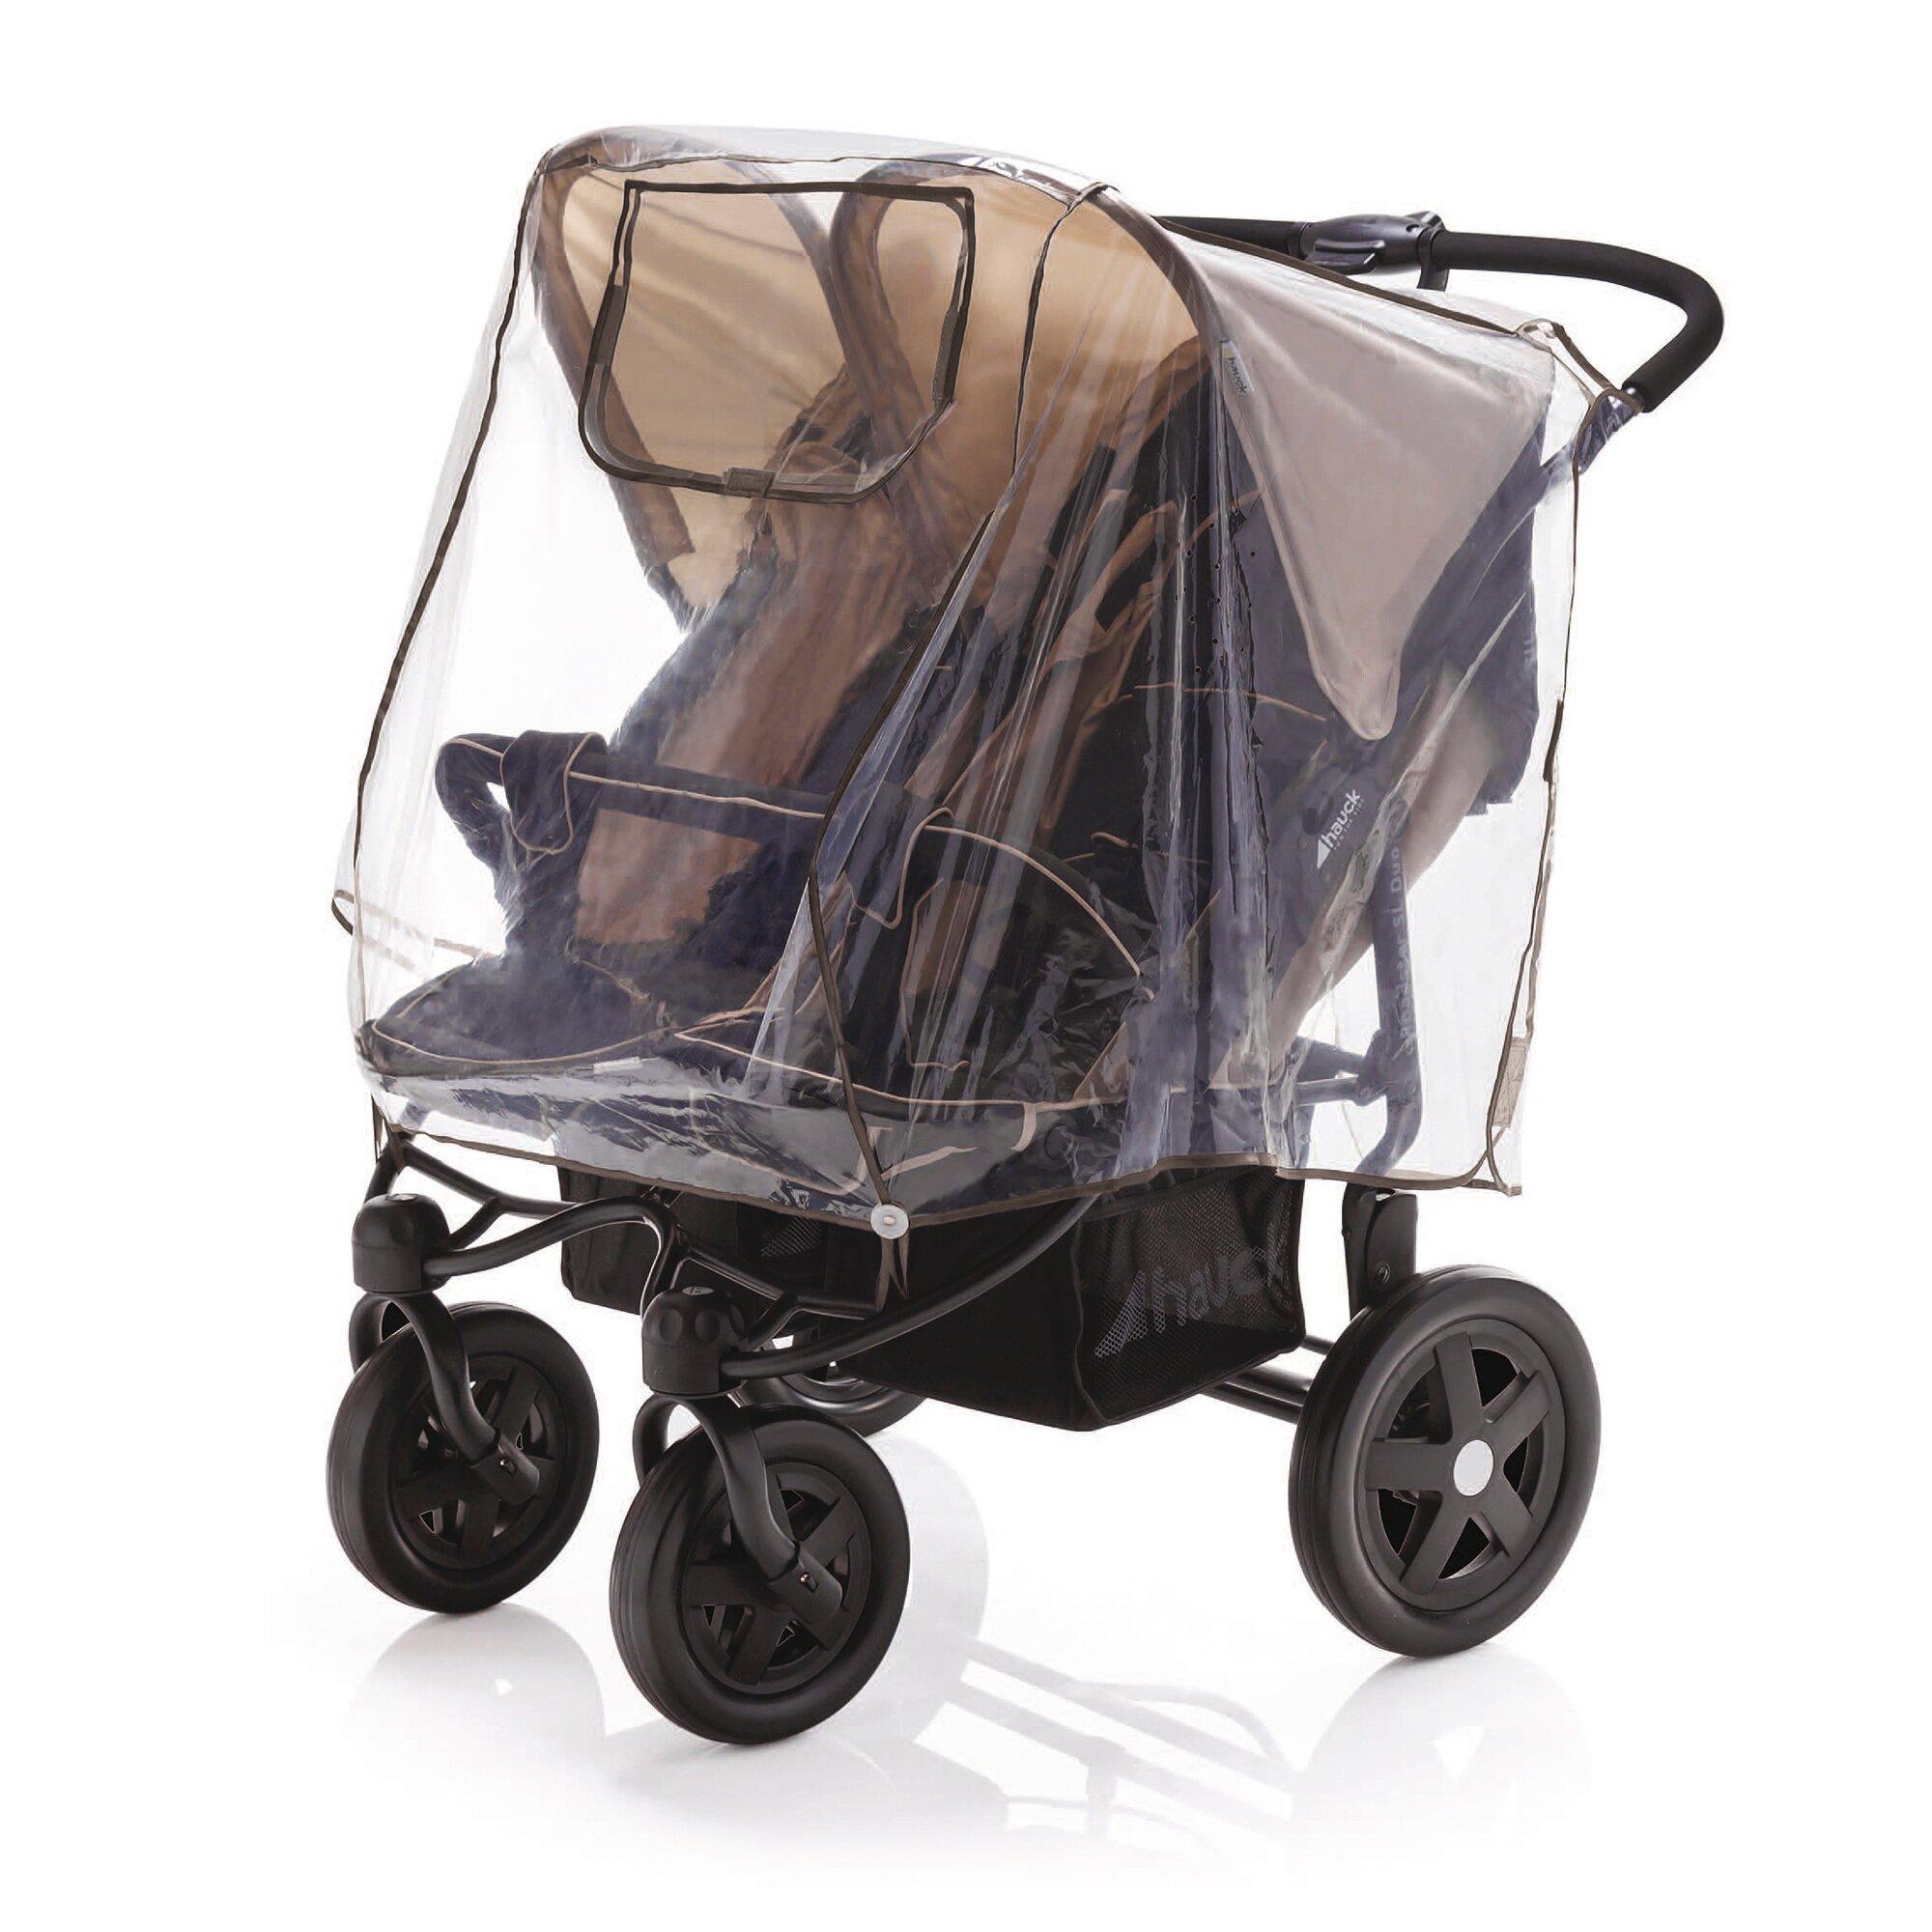 Diago Universal Regenschutz für Kinderwagen Zwillingswagen, Zwillingsbuggy transparent